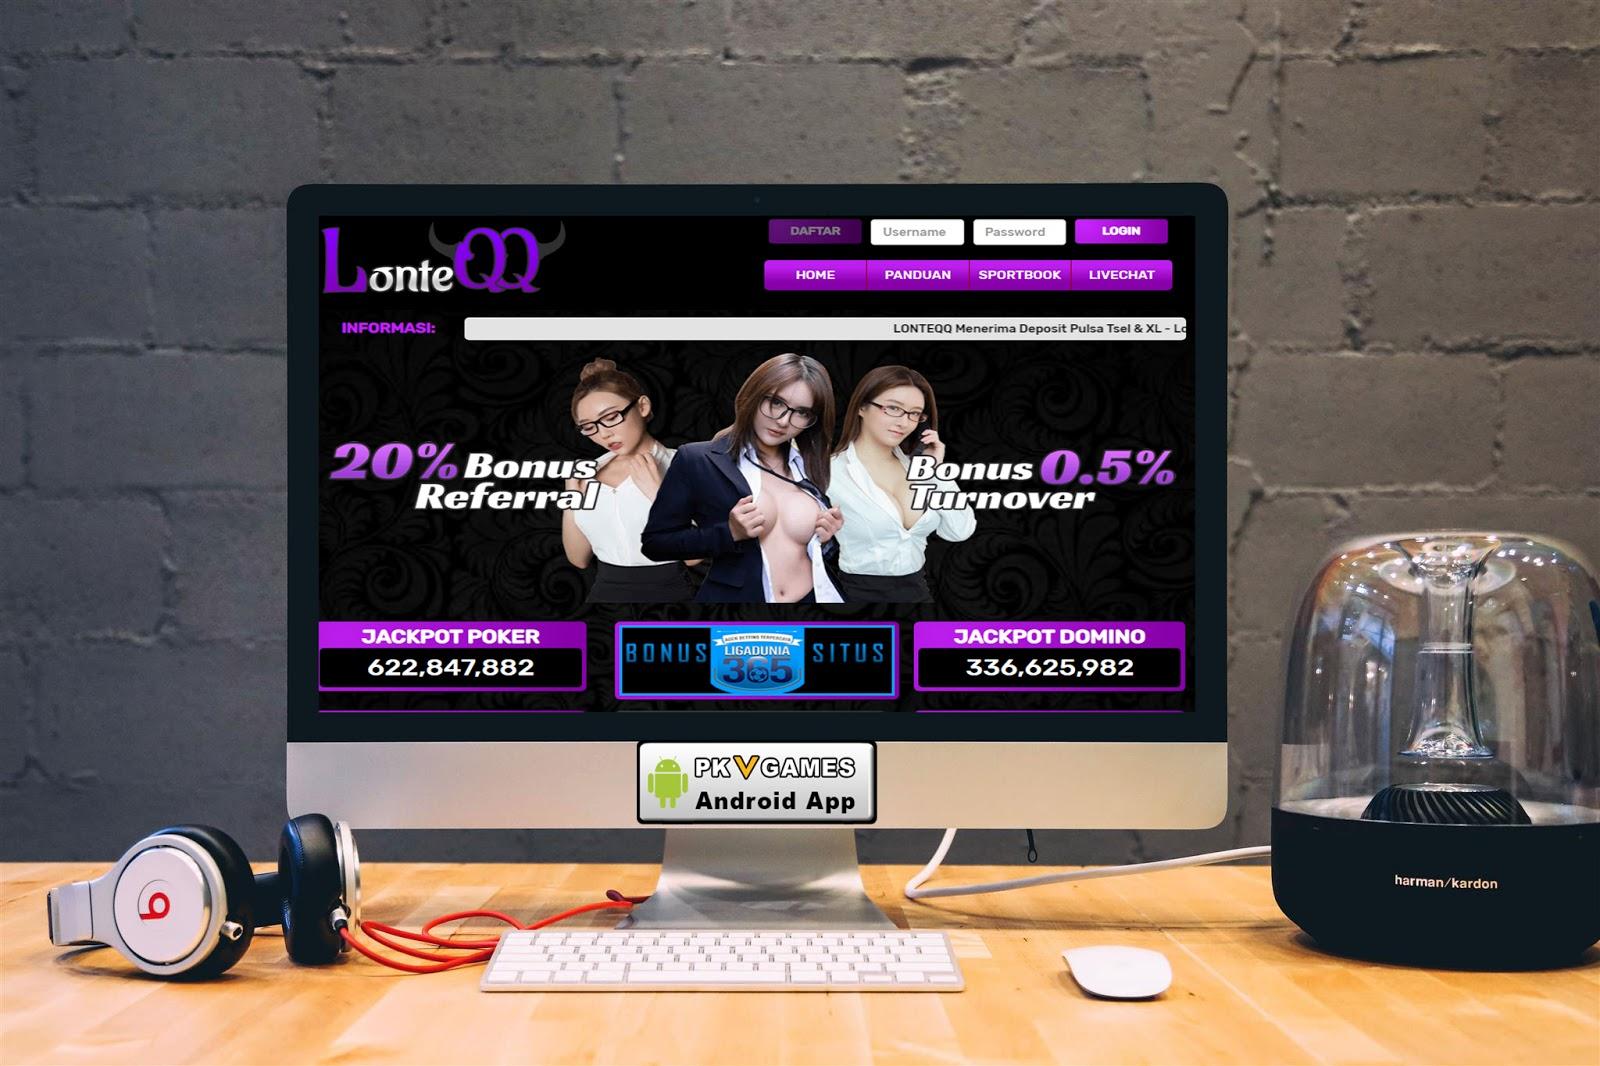 Daftar Kumpulan Agen Situs Judi Online Indonesia 2020